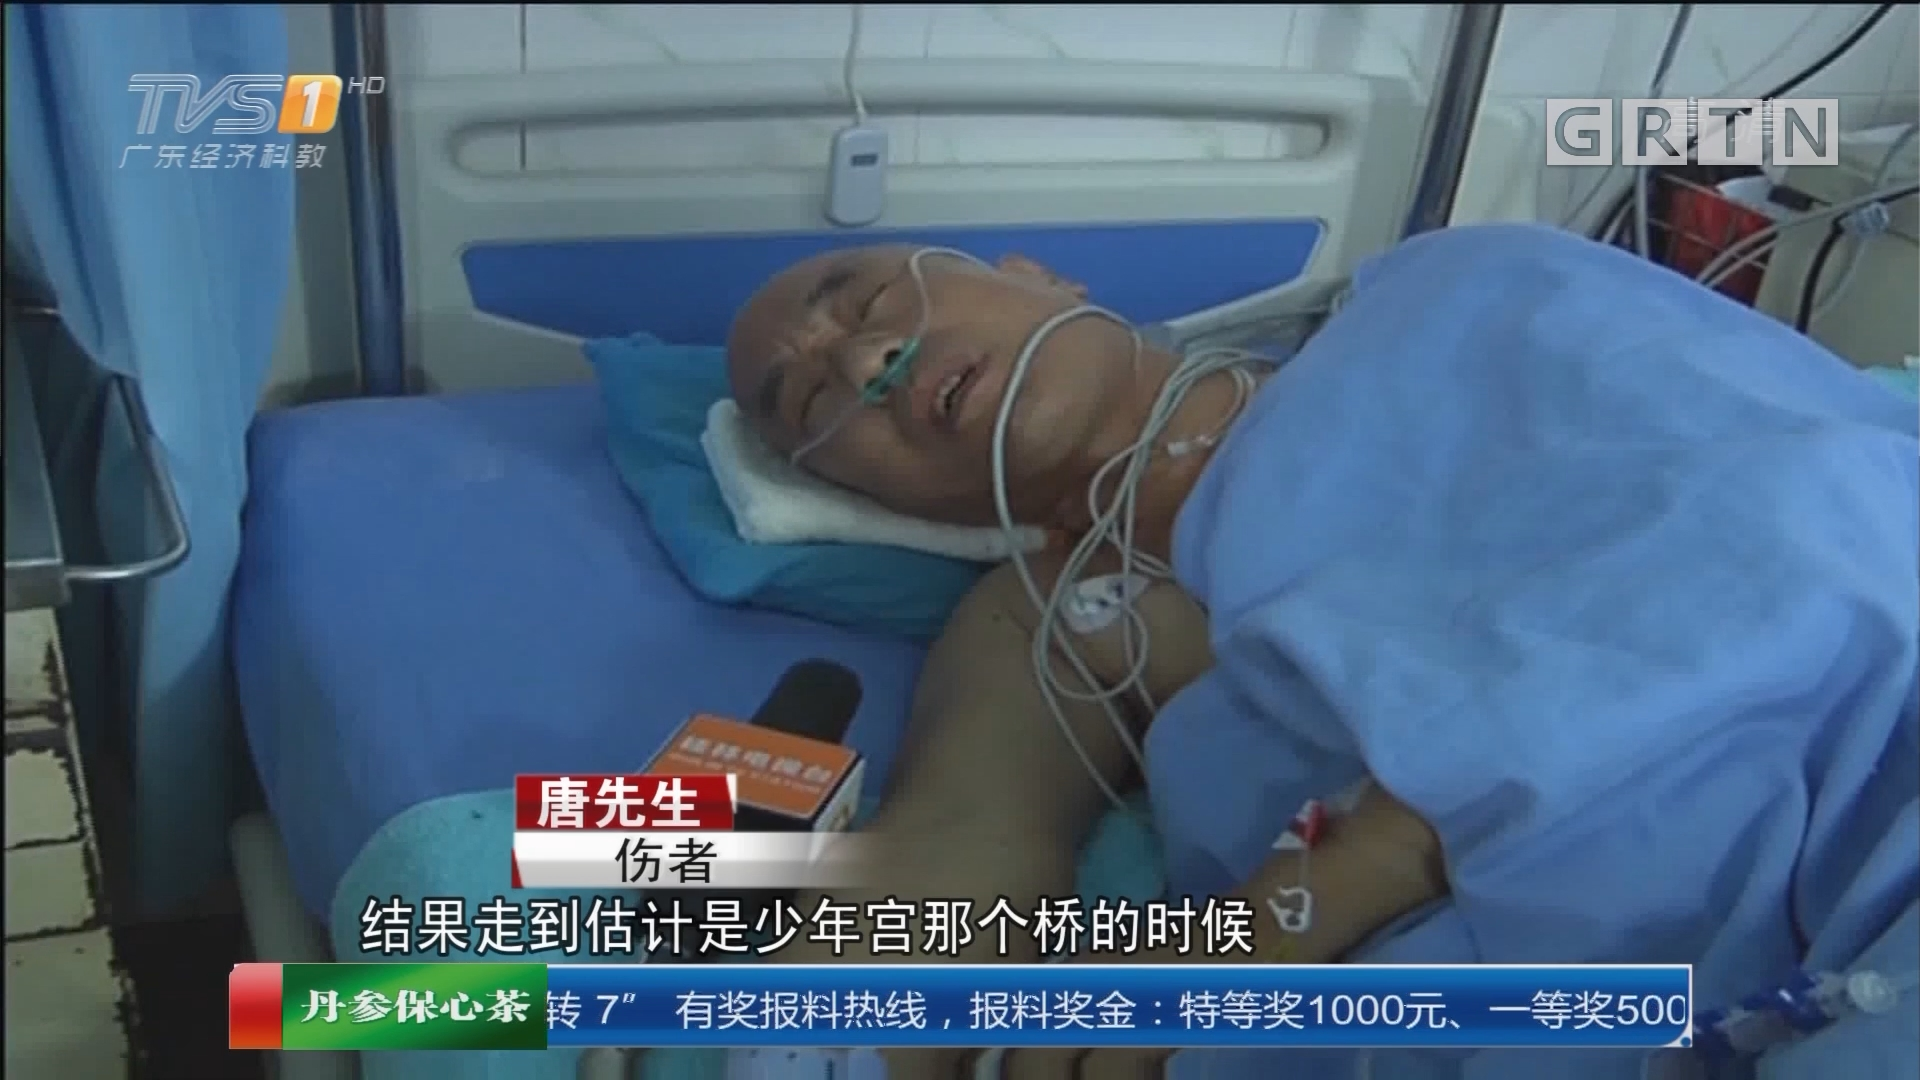 桂林:出门不幸遭雷击 多亏路人来相救